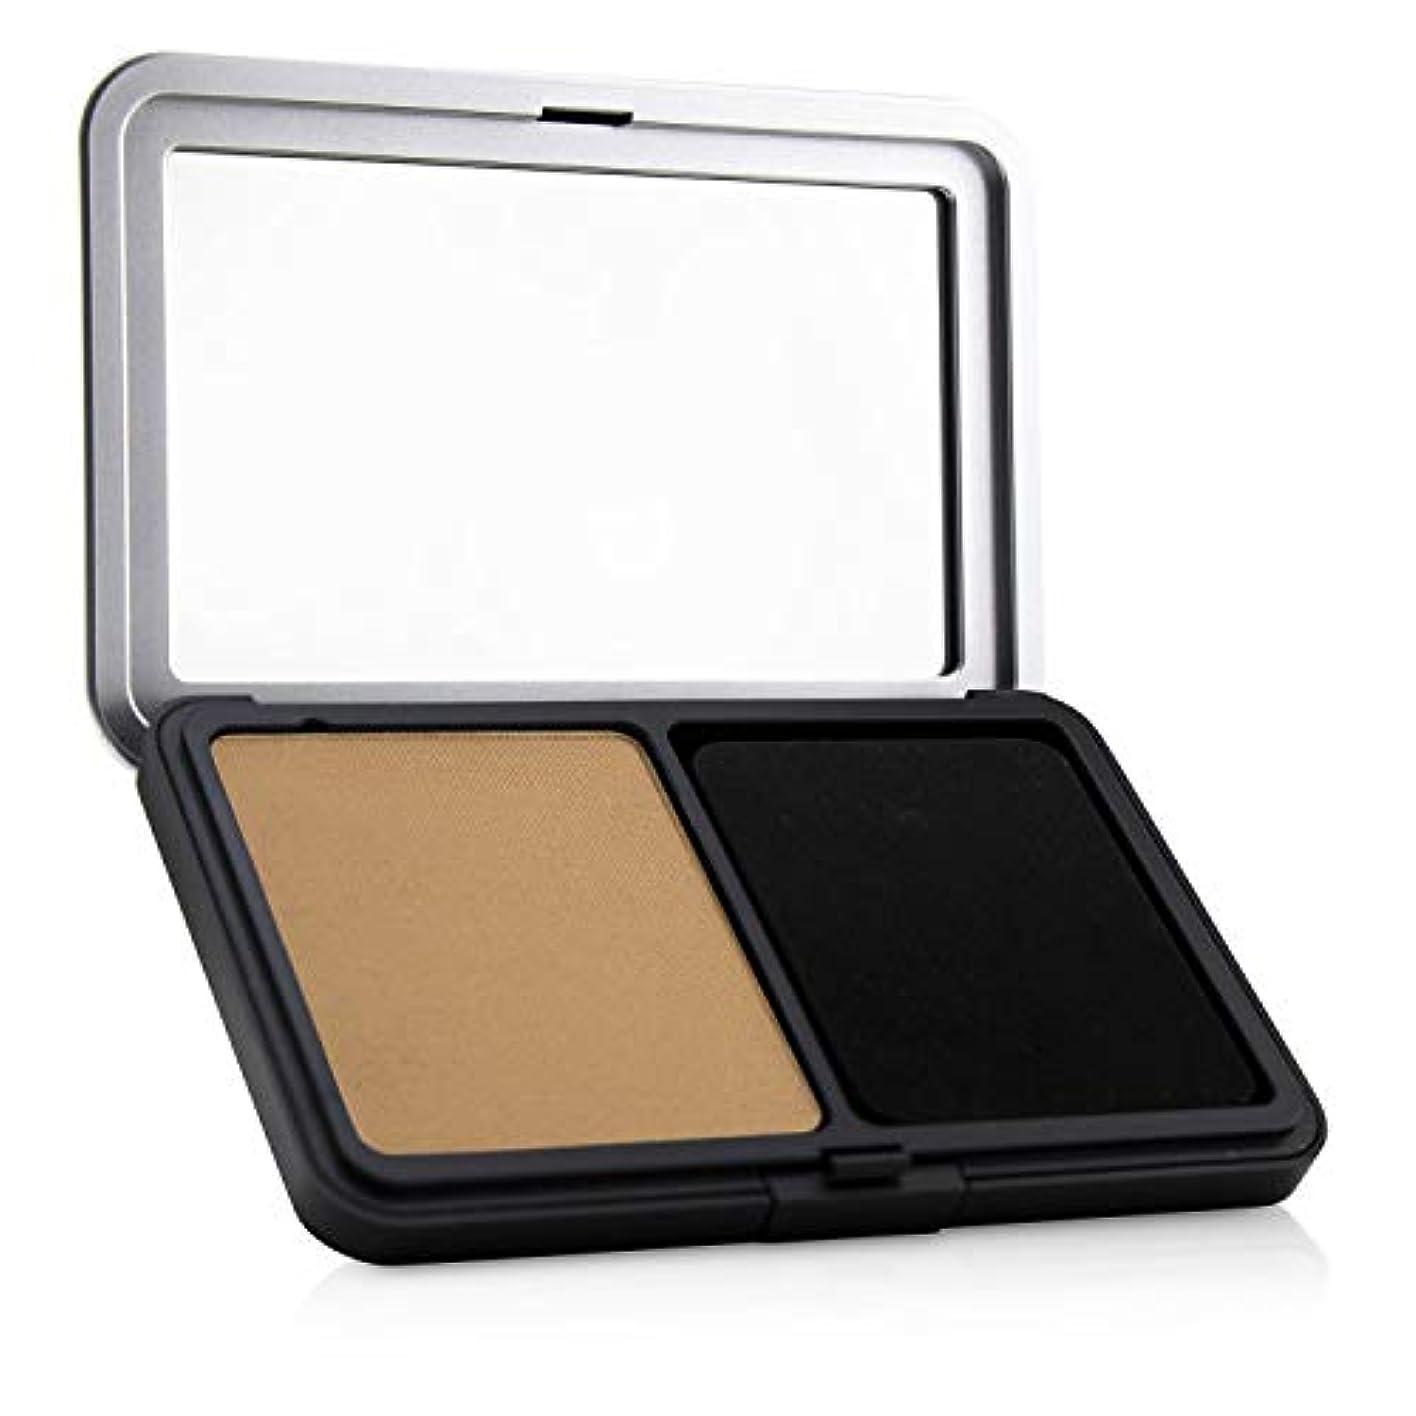 凝視結婚式定期的にメイクアップフォーエバー Matte Velvet Skin Blurring Powder Foundation - # R370 (Medium Beige) 11g/0.38oz並行輸入品